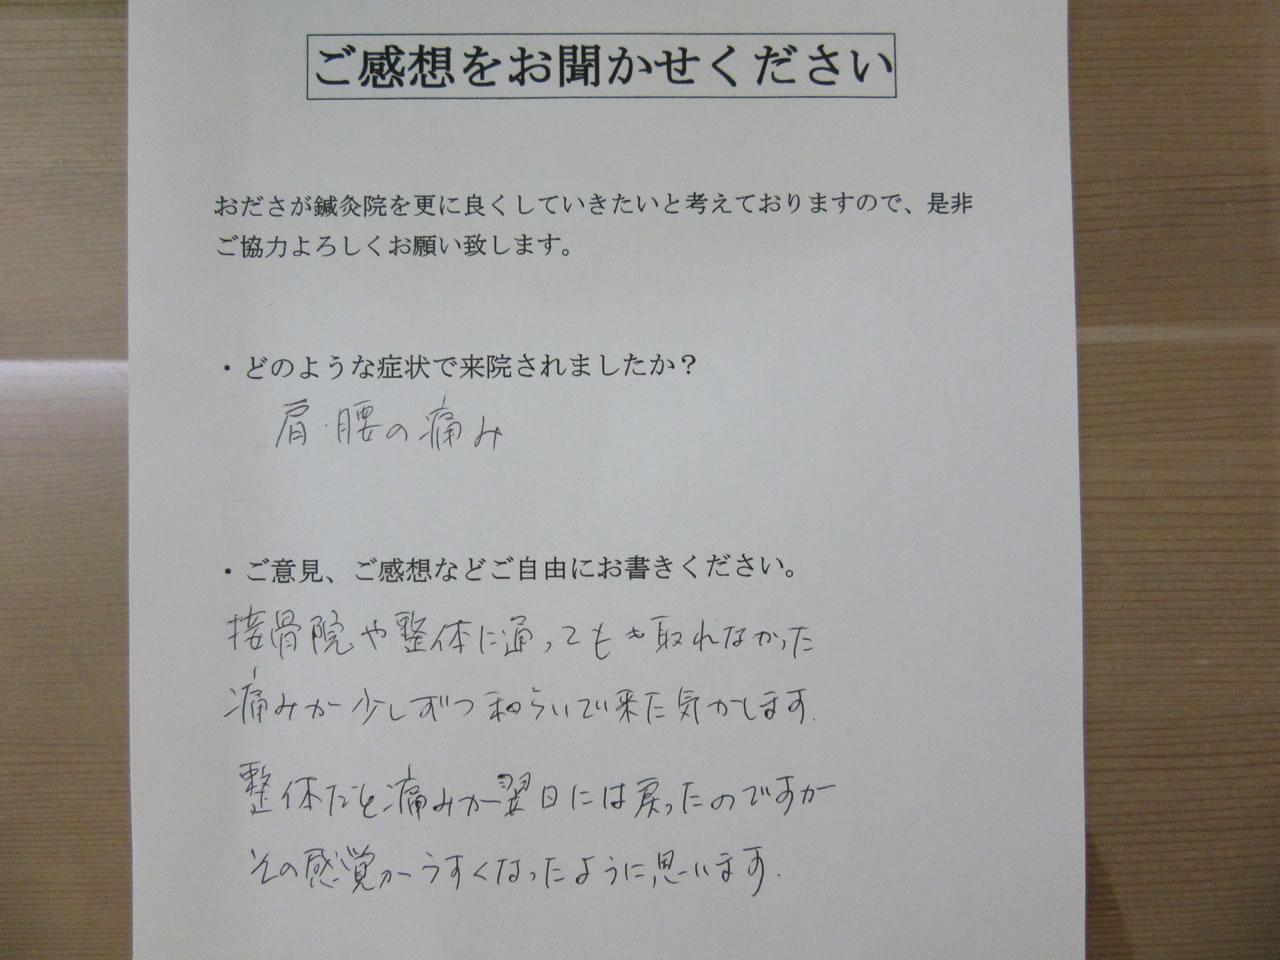 患者からの 手書手紙 事務職 腰痛、肩の痛み